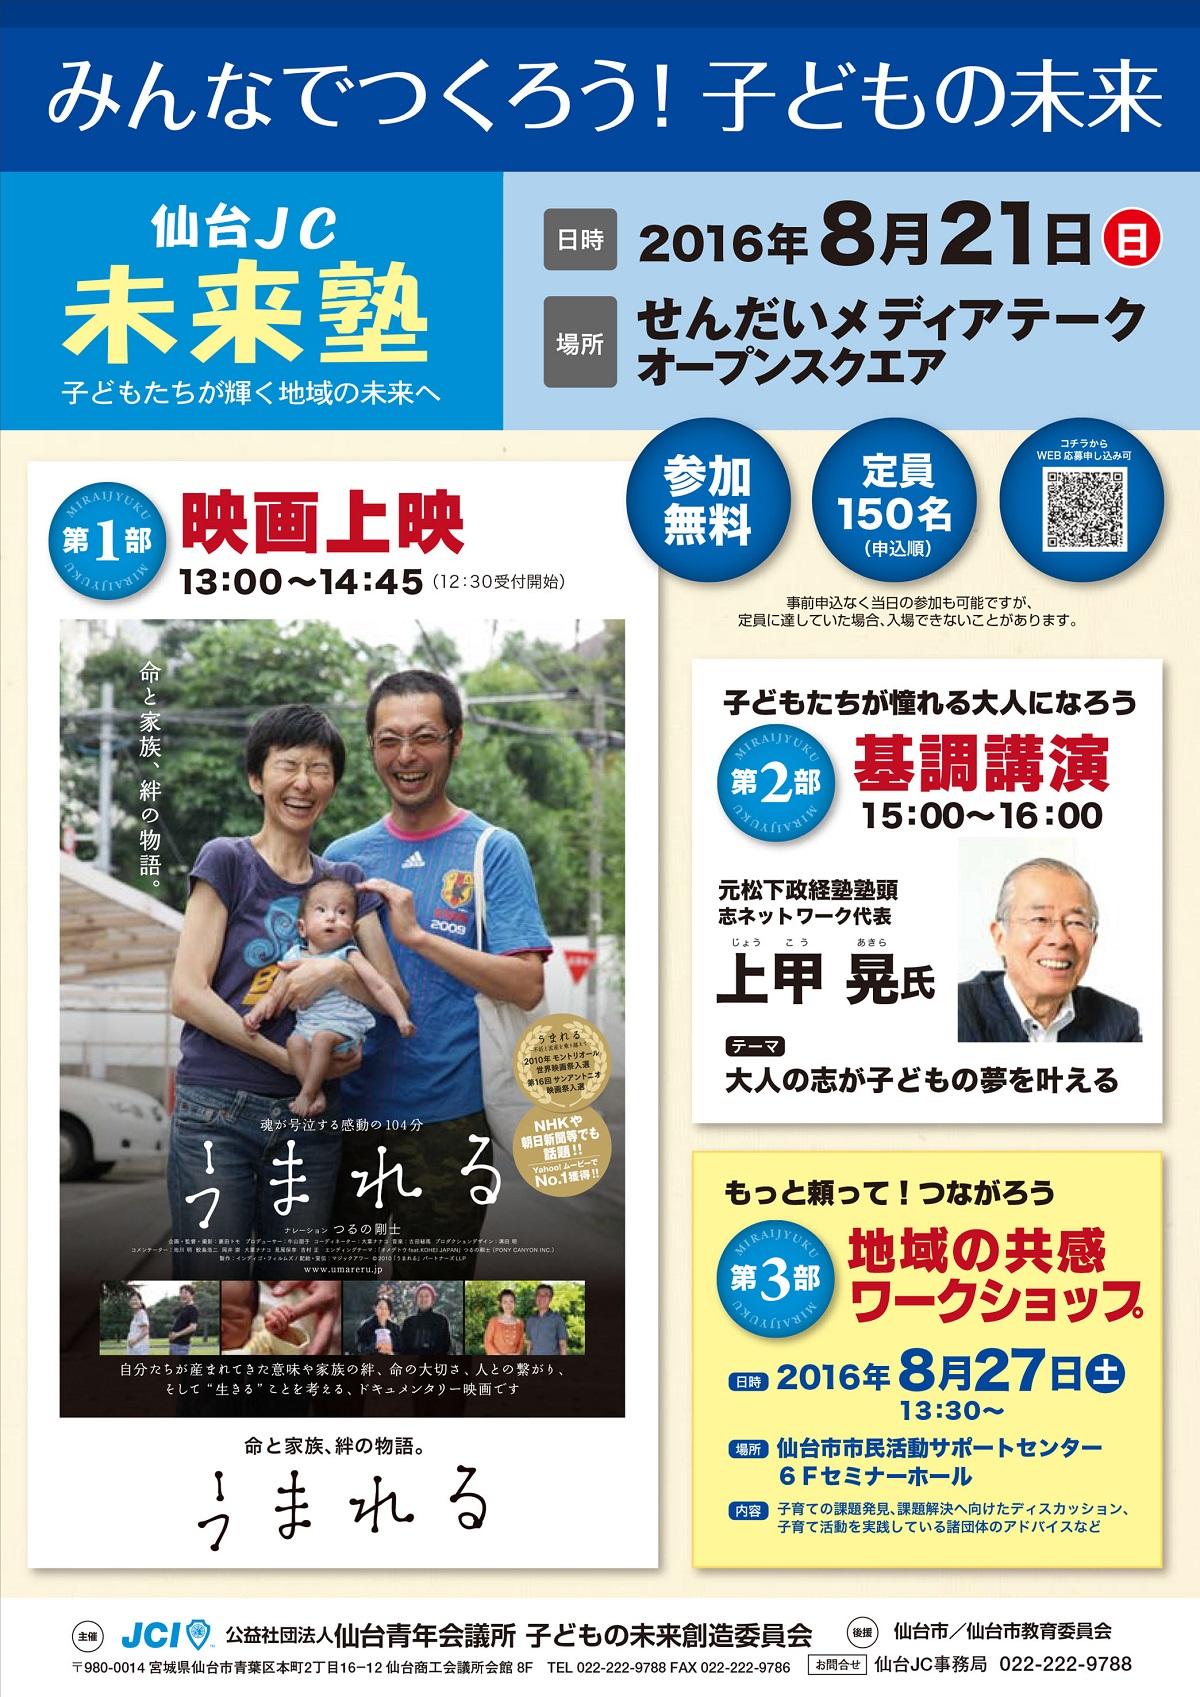 「仙台JC未来塾」大人の部参加者募集!のイメージ